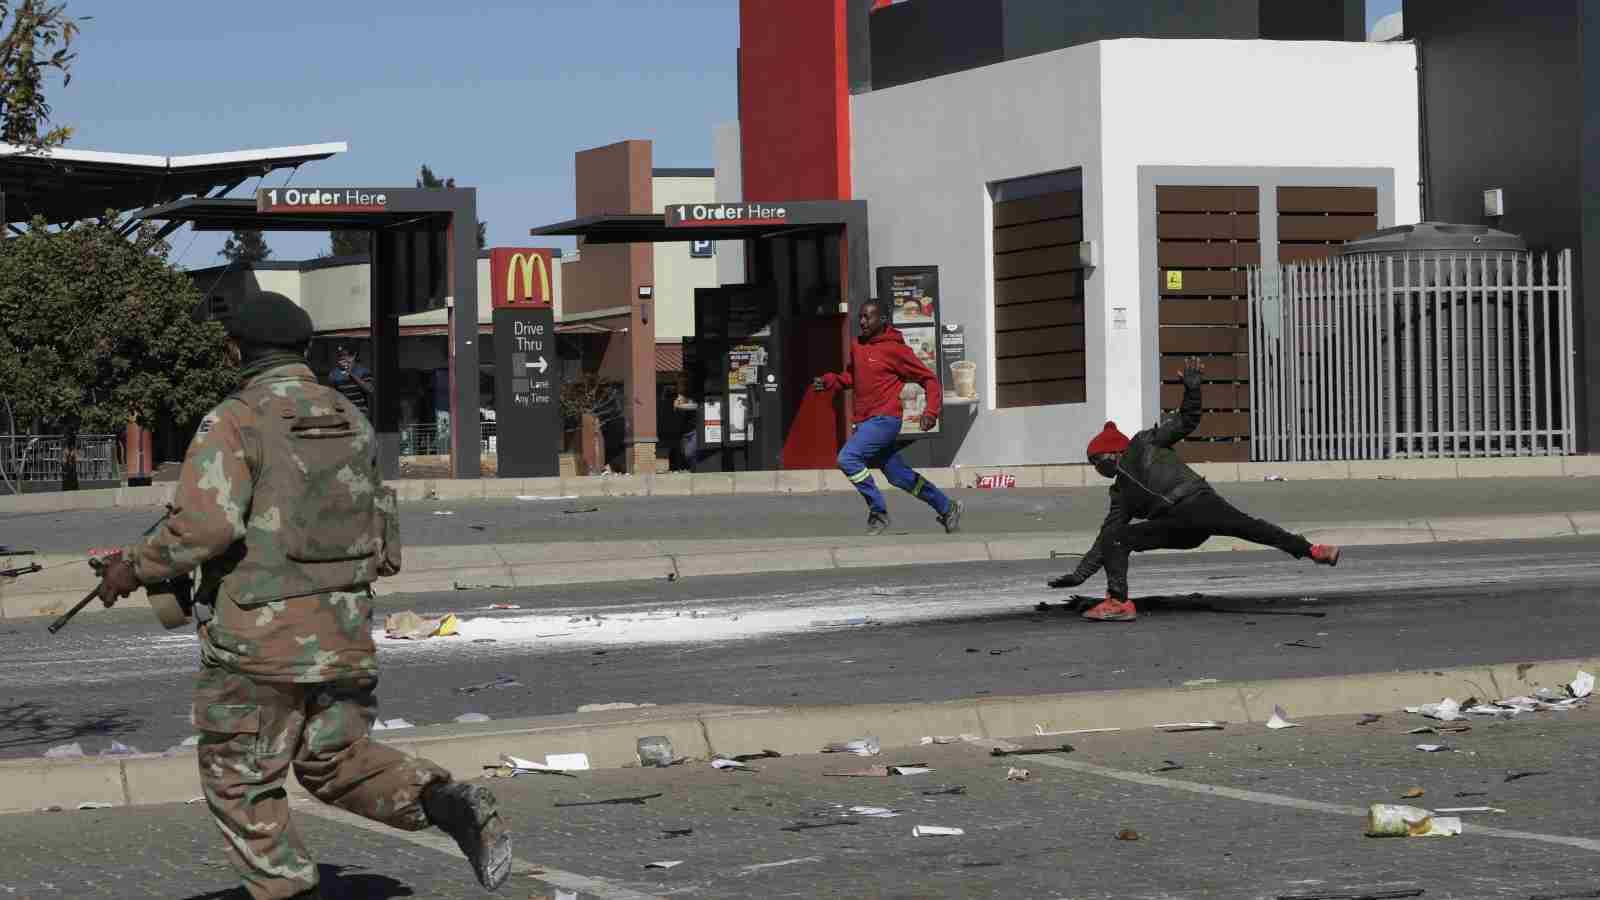 أعمال العنف في جنوب إفريقيا.. خسائر بمليارات الدولارات، وتواصل أعمال النهب